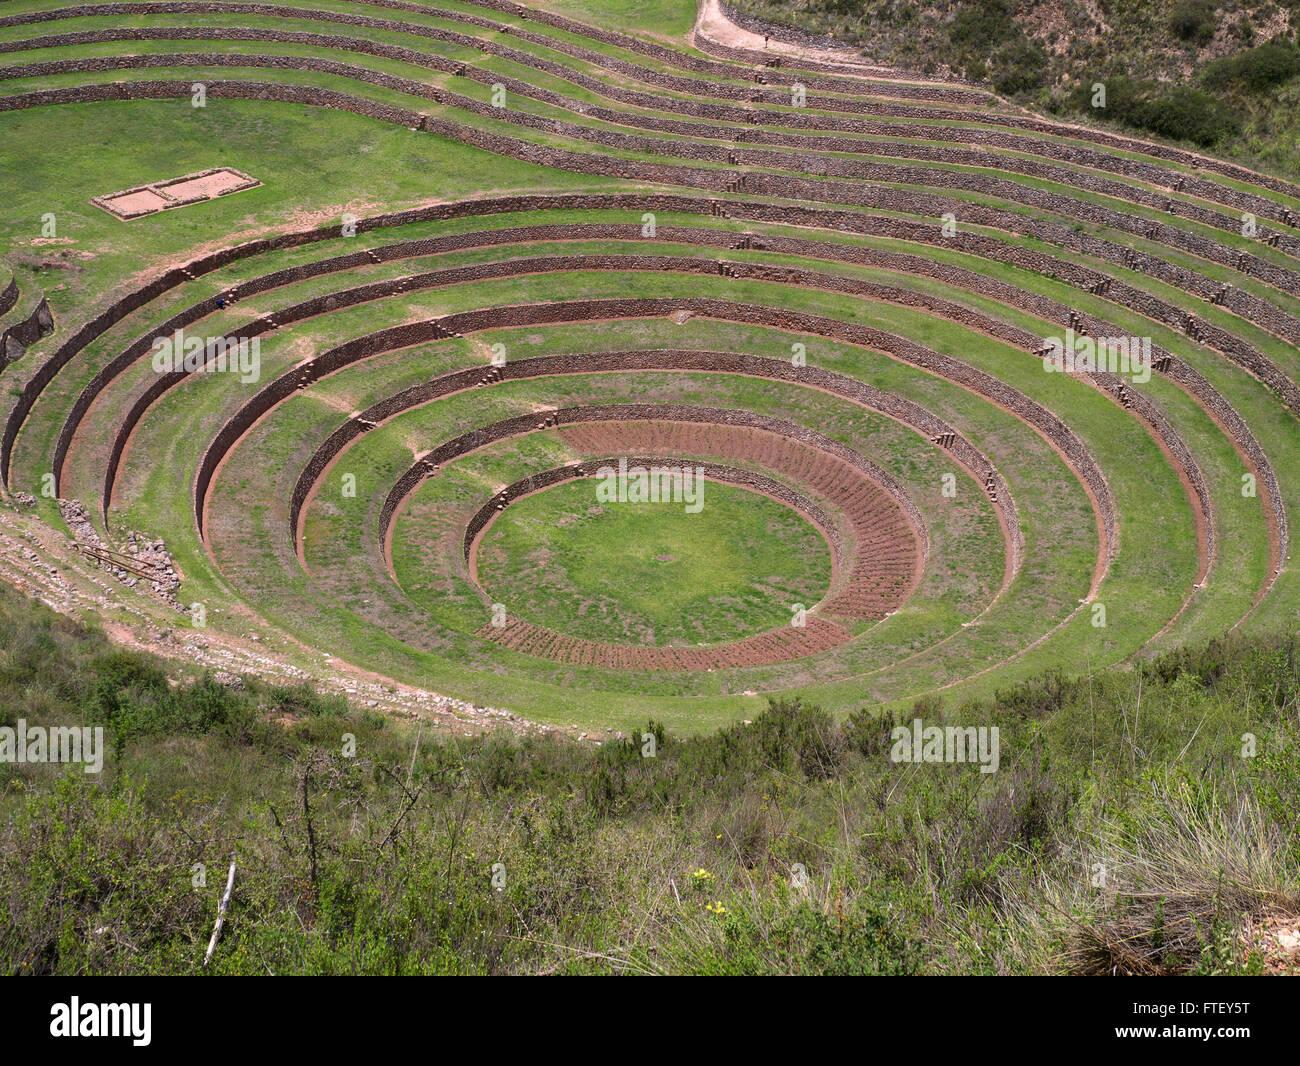 Kreise der alten Inka Ruinen Moray landwirtschaftlichen Terrassen im Heiligen Tal in der Nähe von Cusco-Peru Stockbild